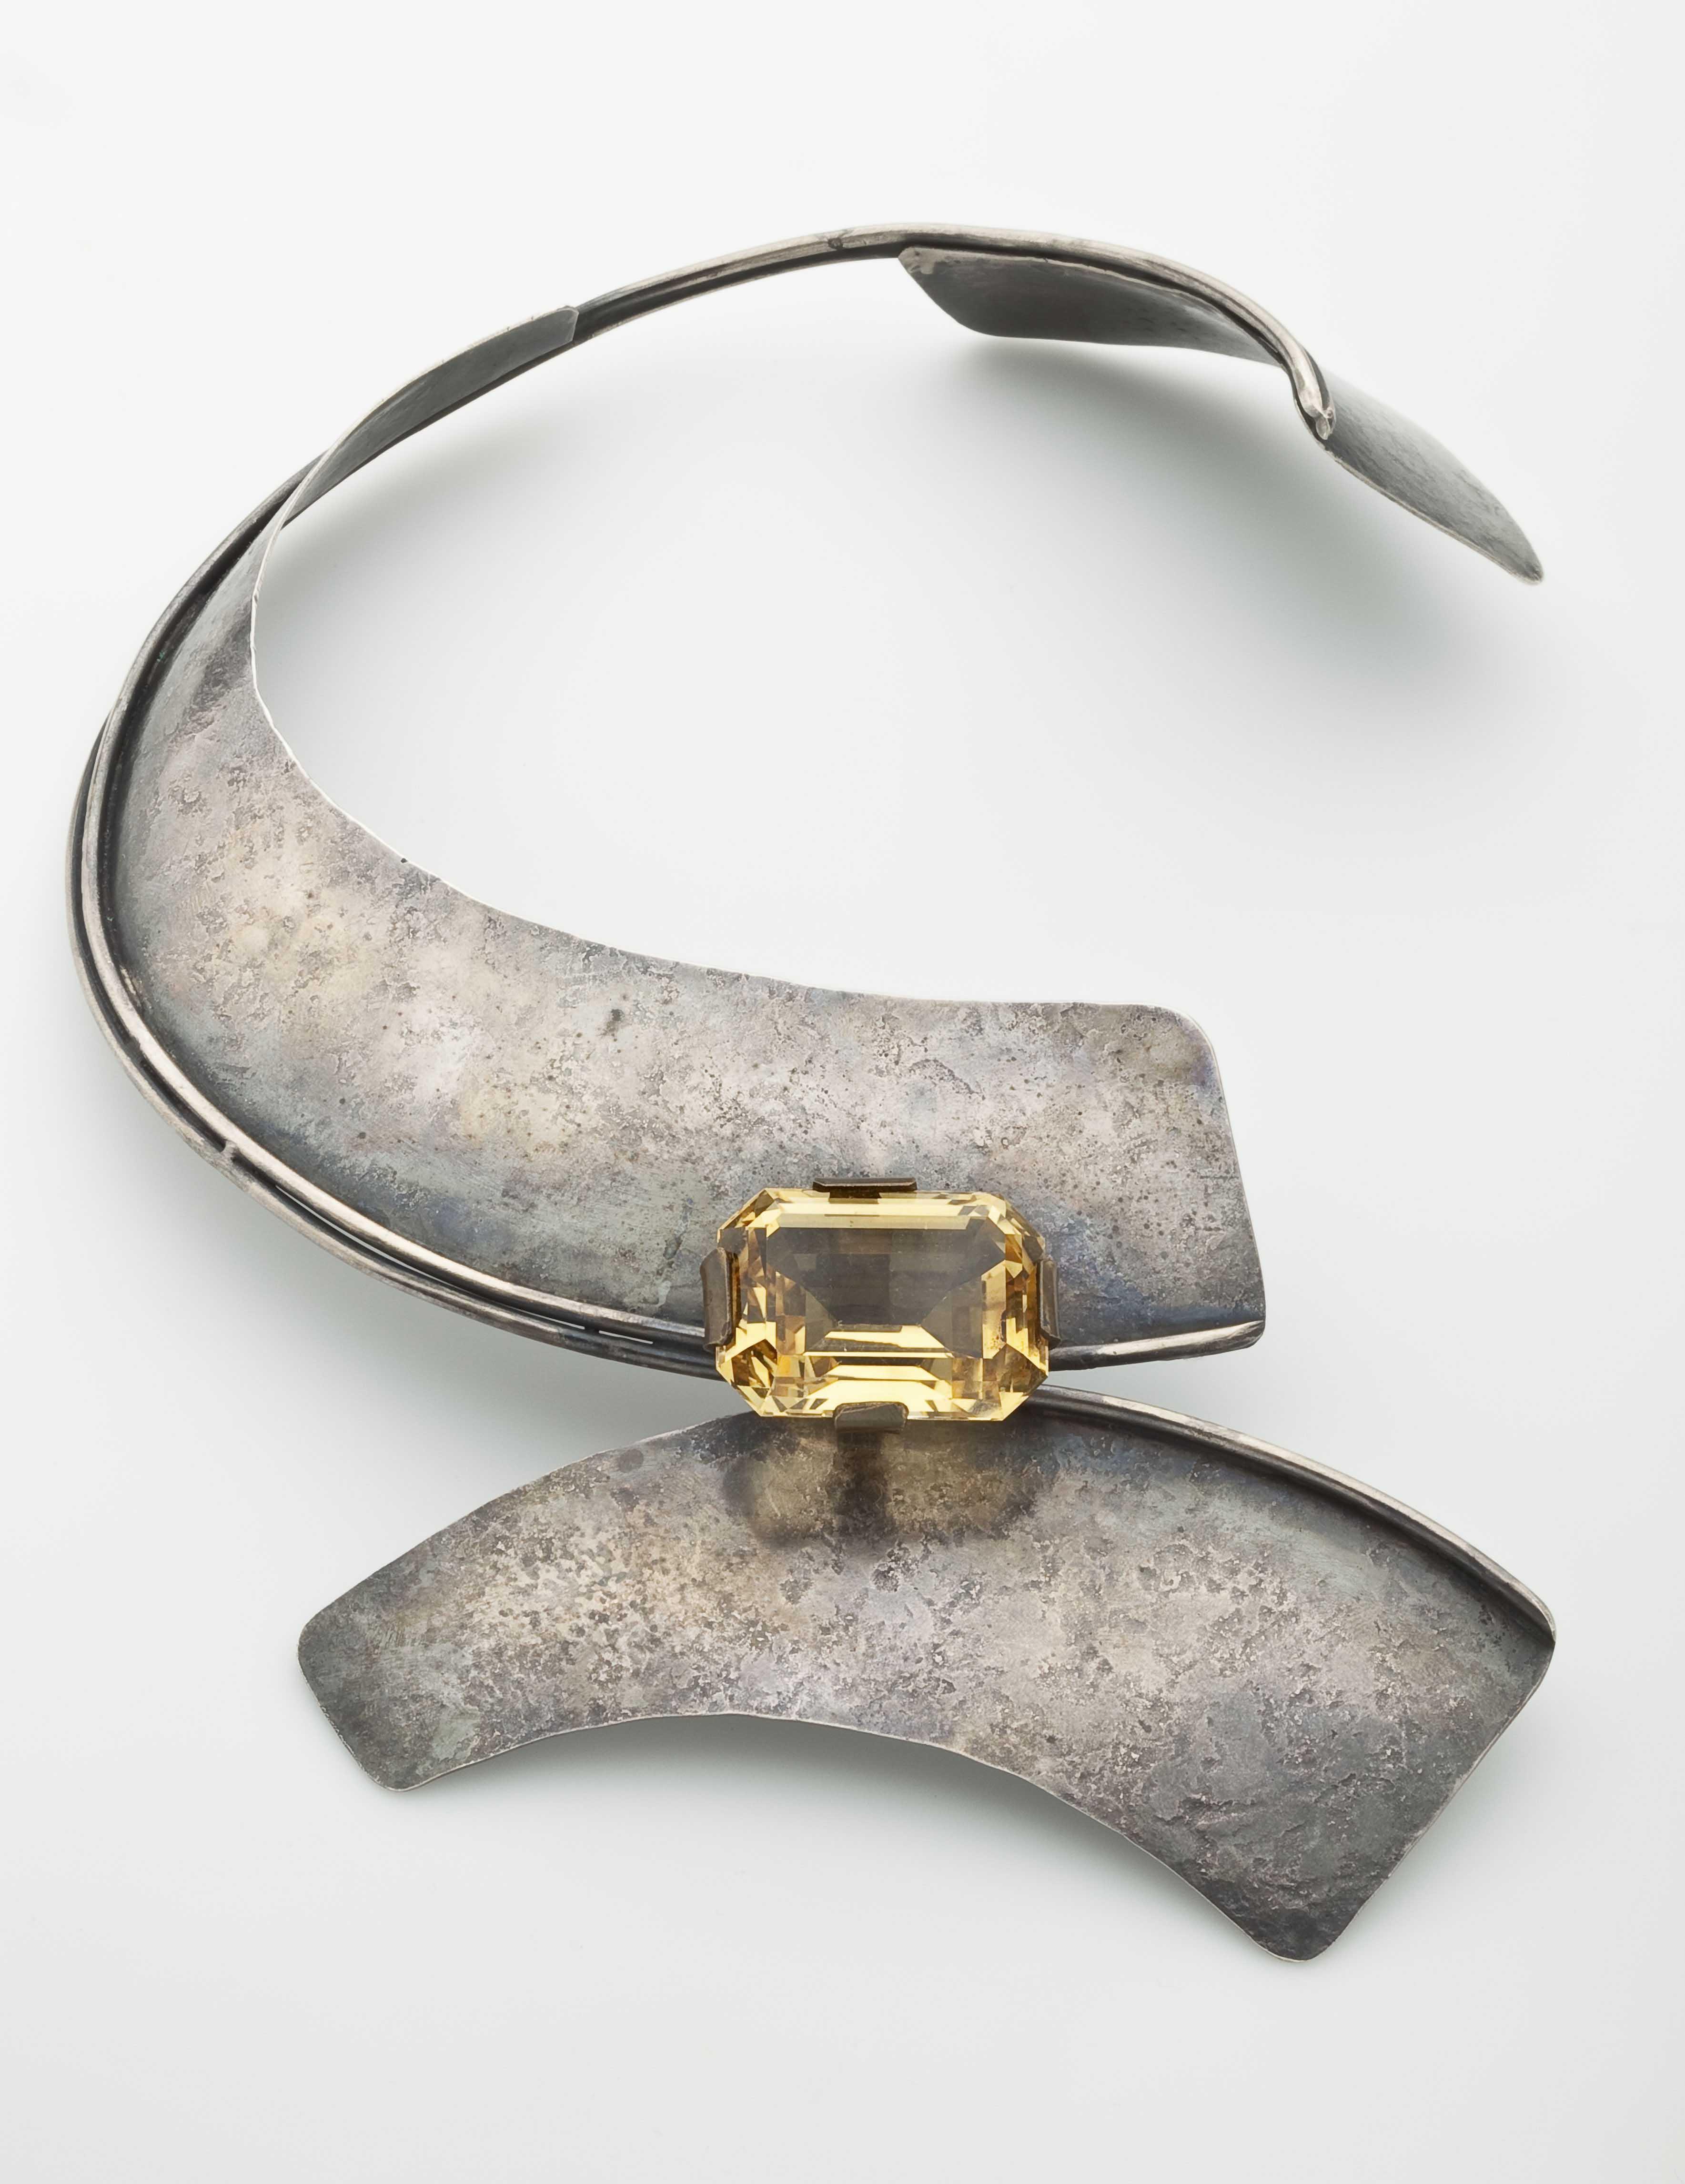 Art Smith Jewelry Art Smith Jewelry Clipart